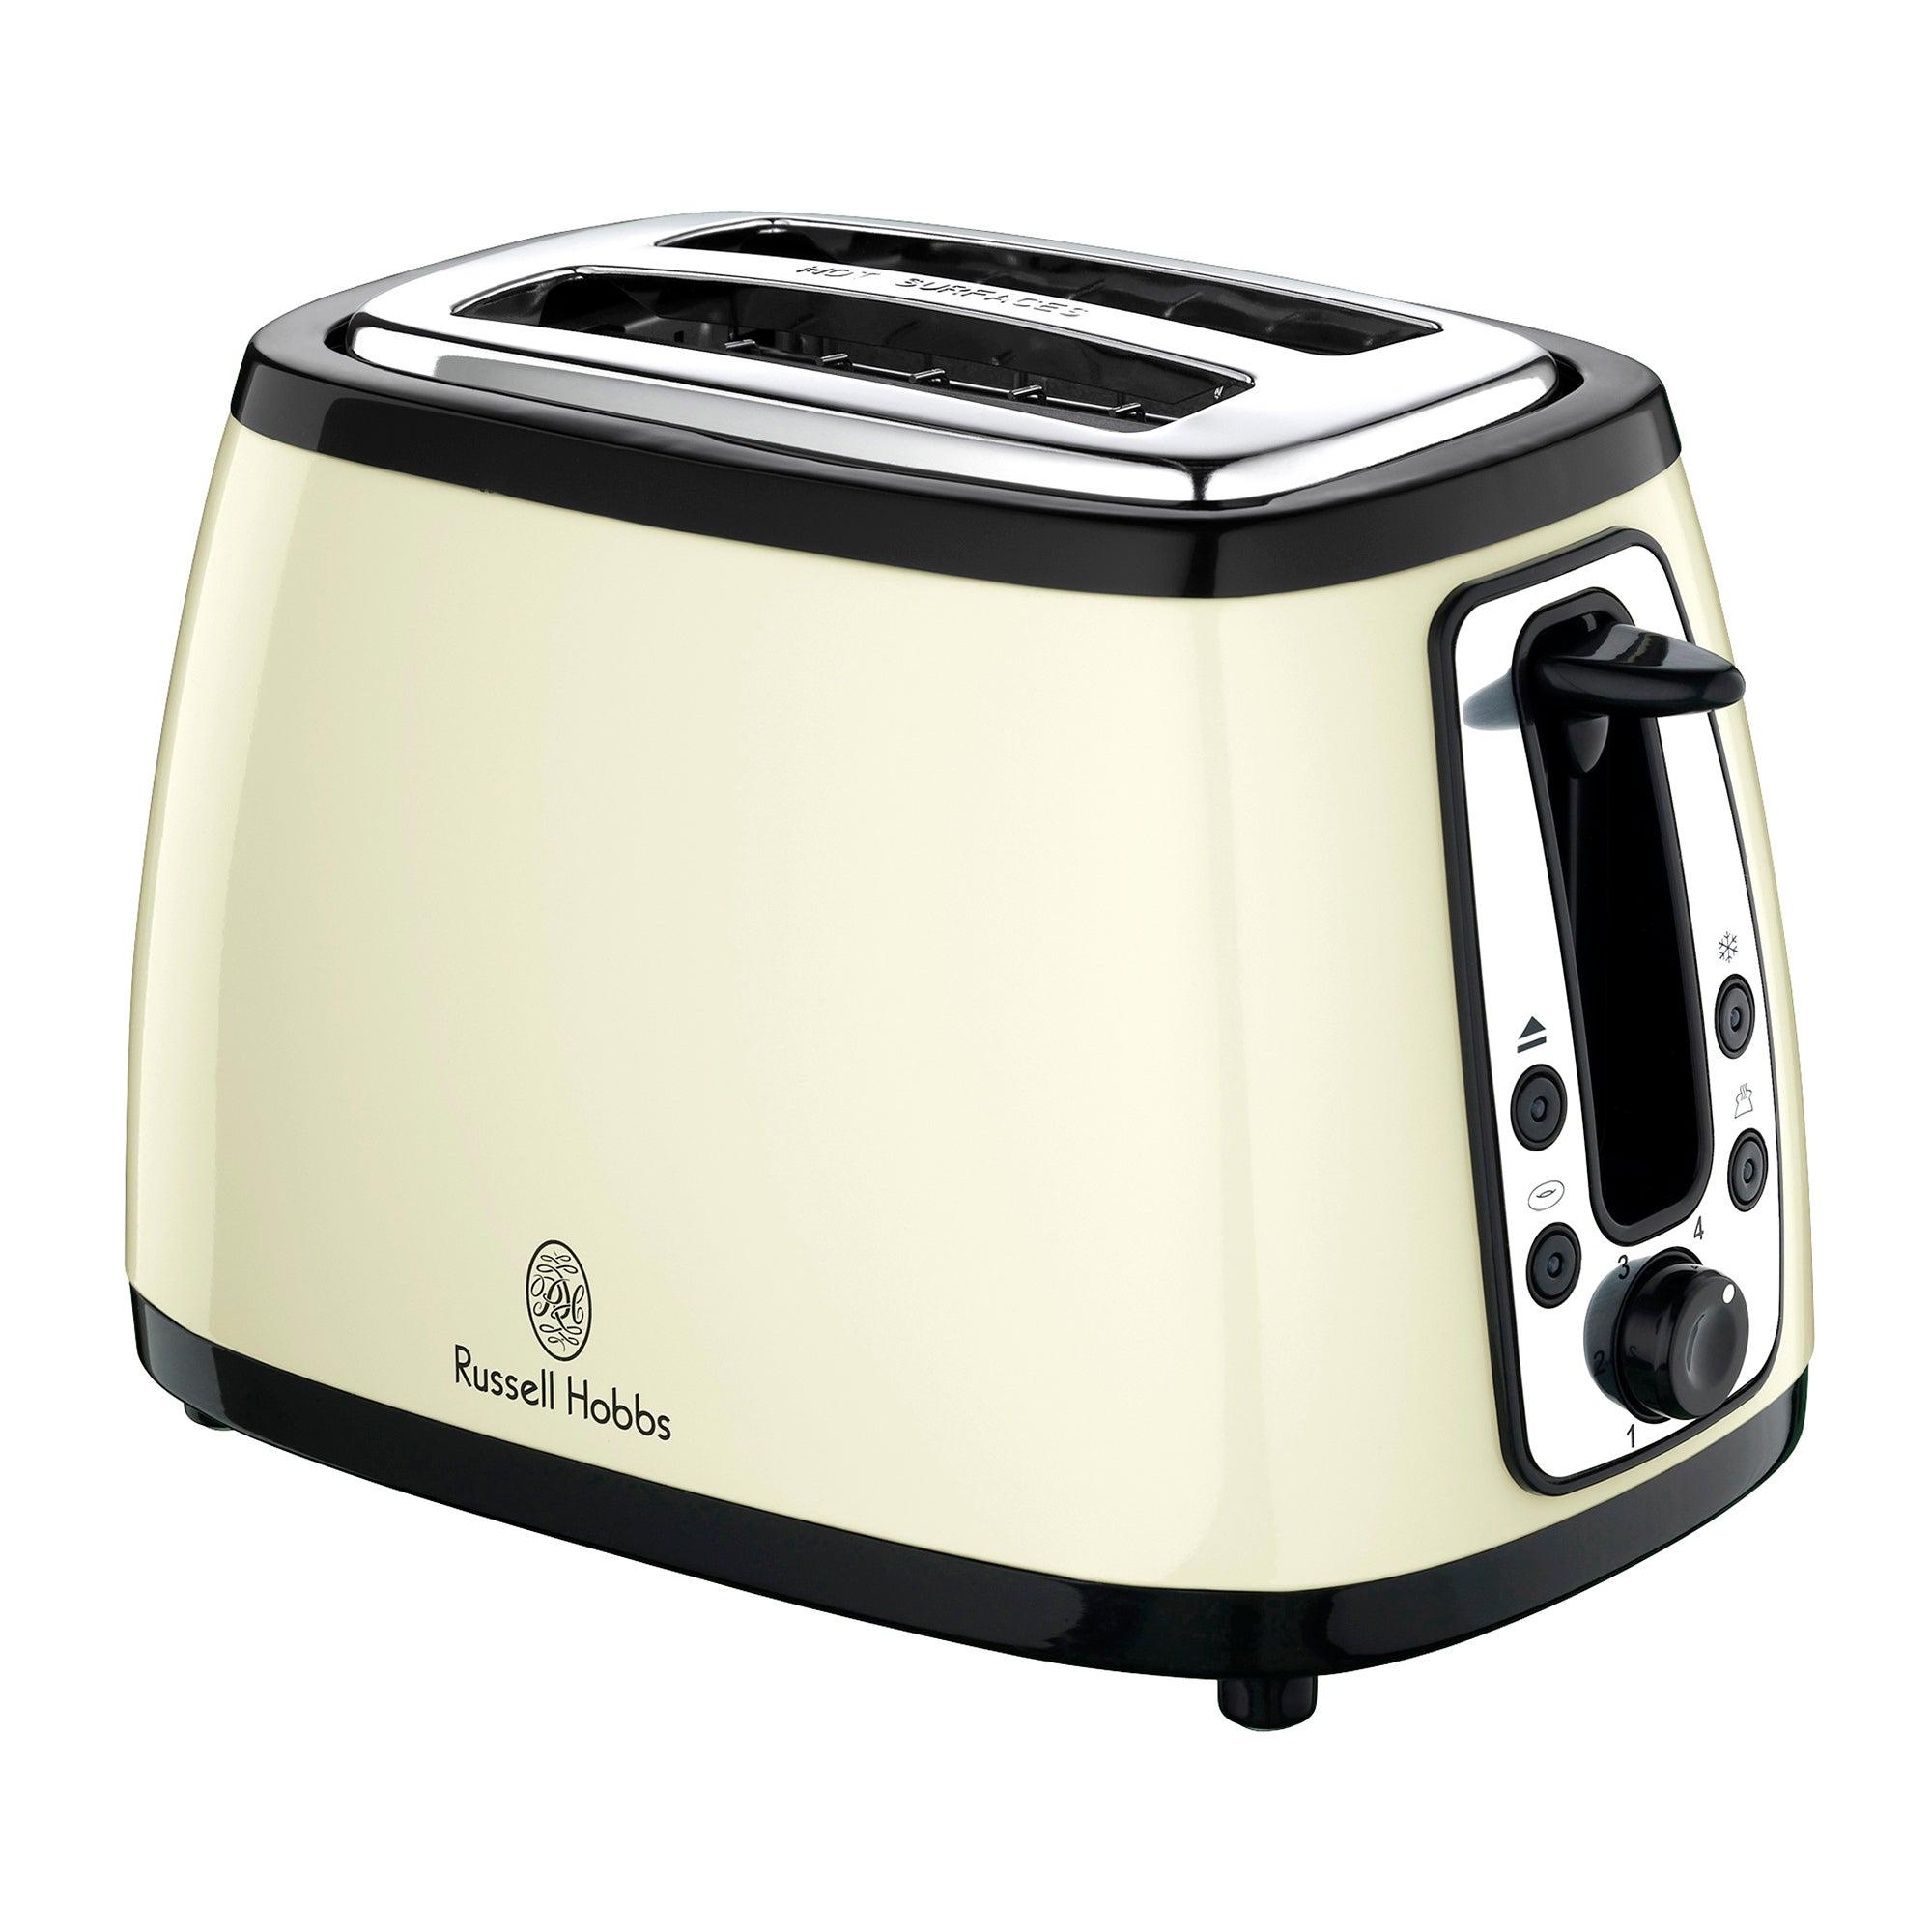 Russell Hobbs Heritage 18259 Cream 2 Slice Toaster